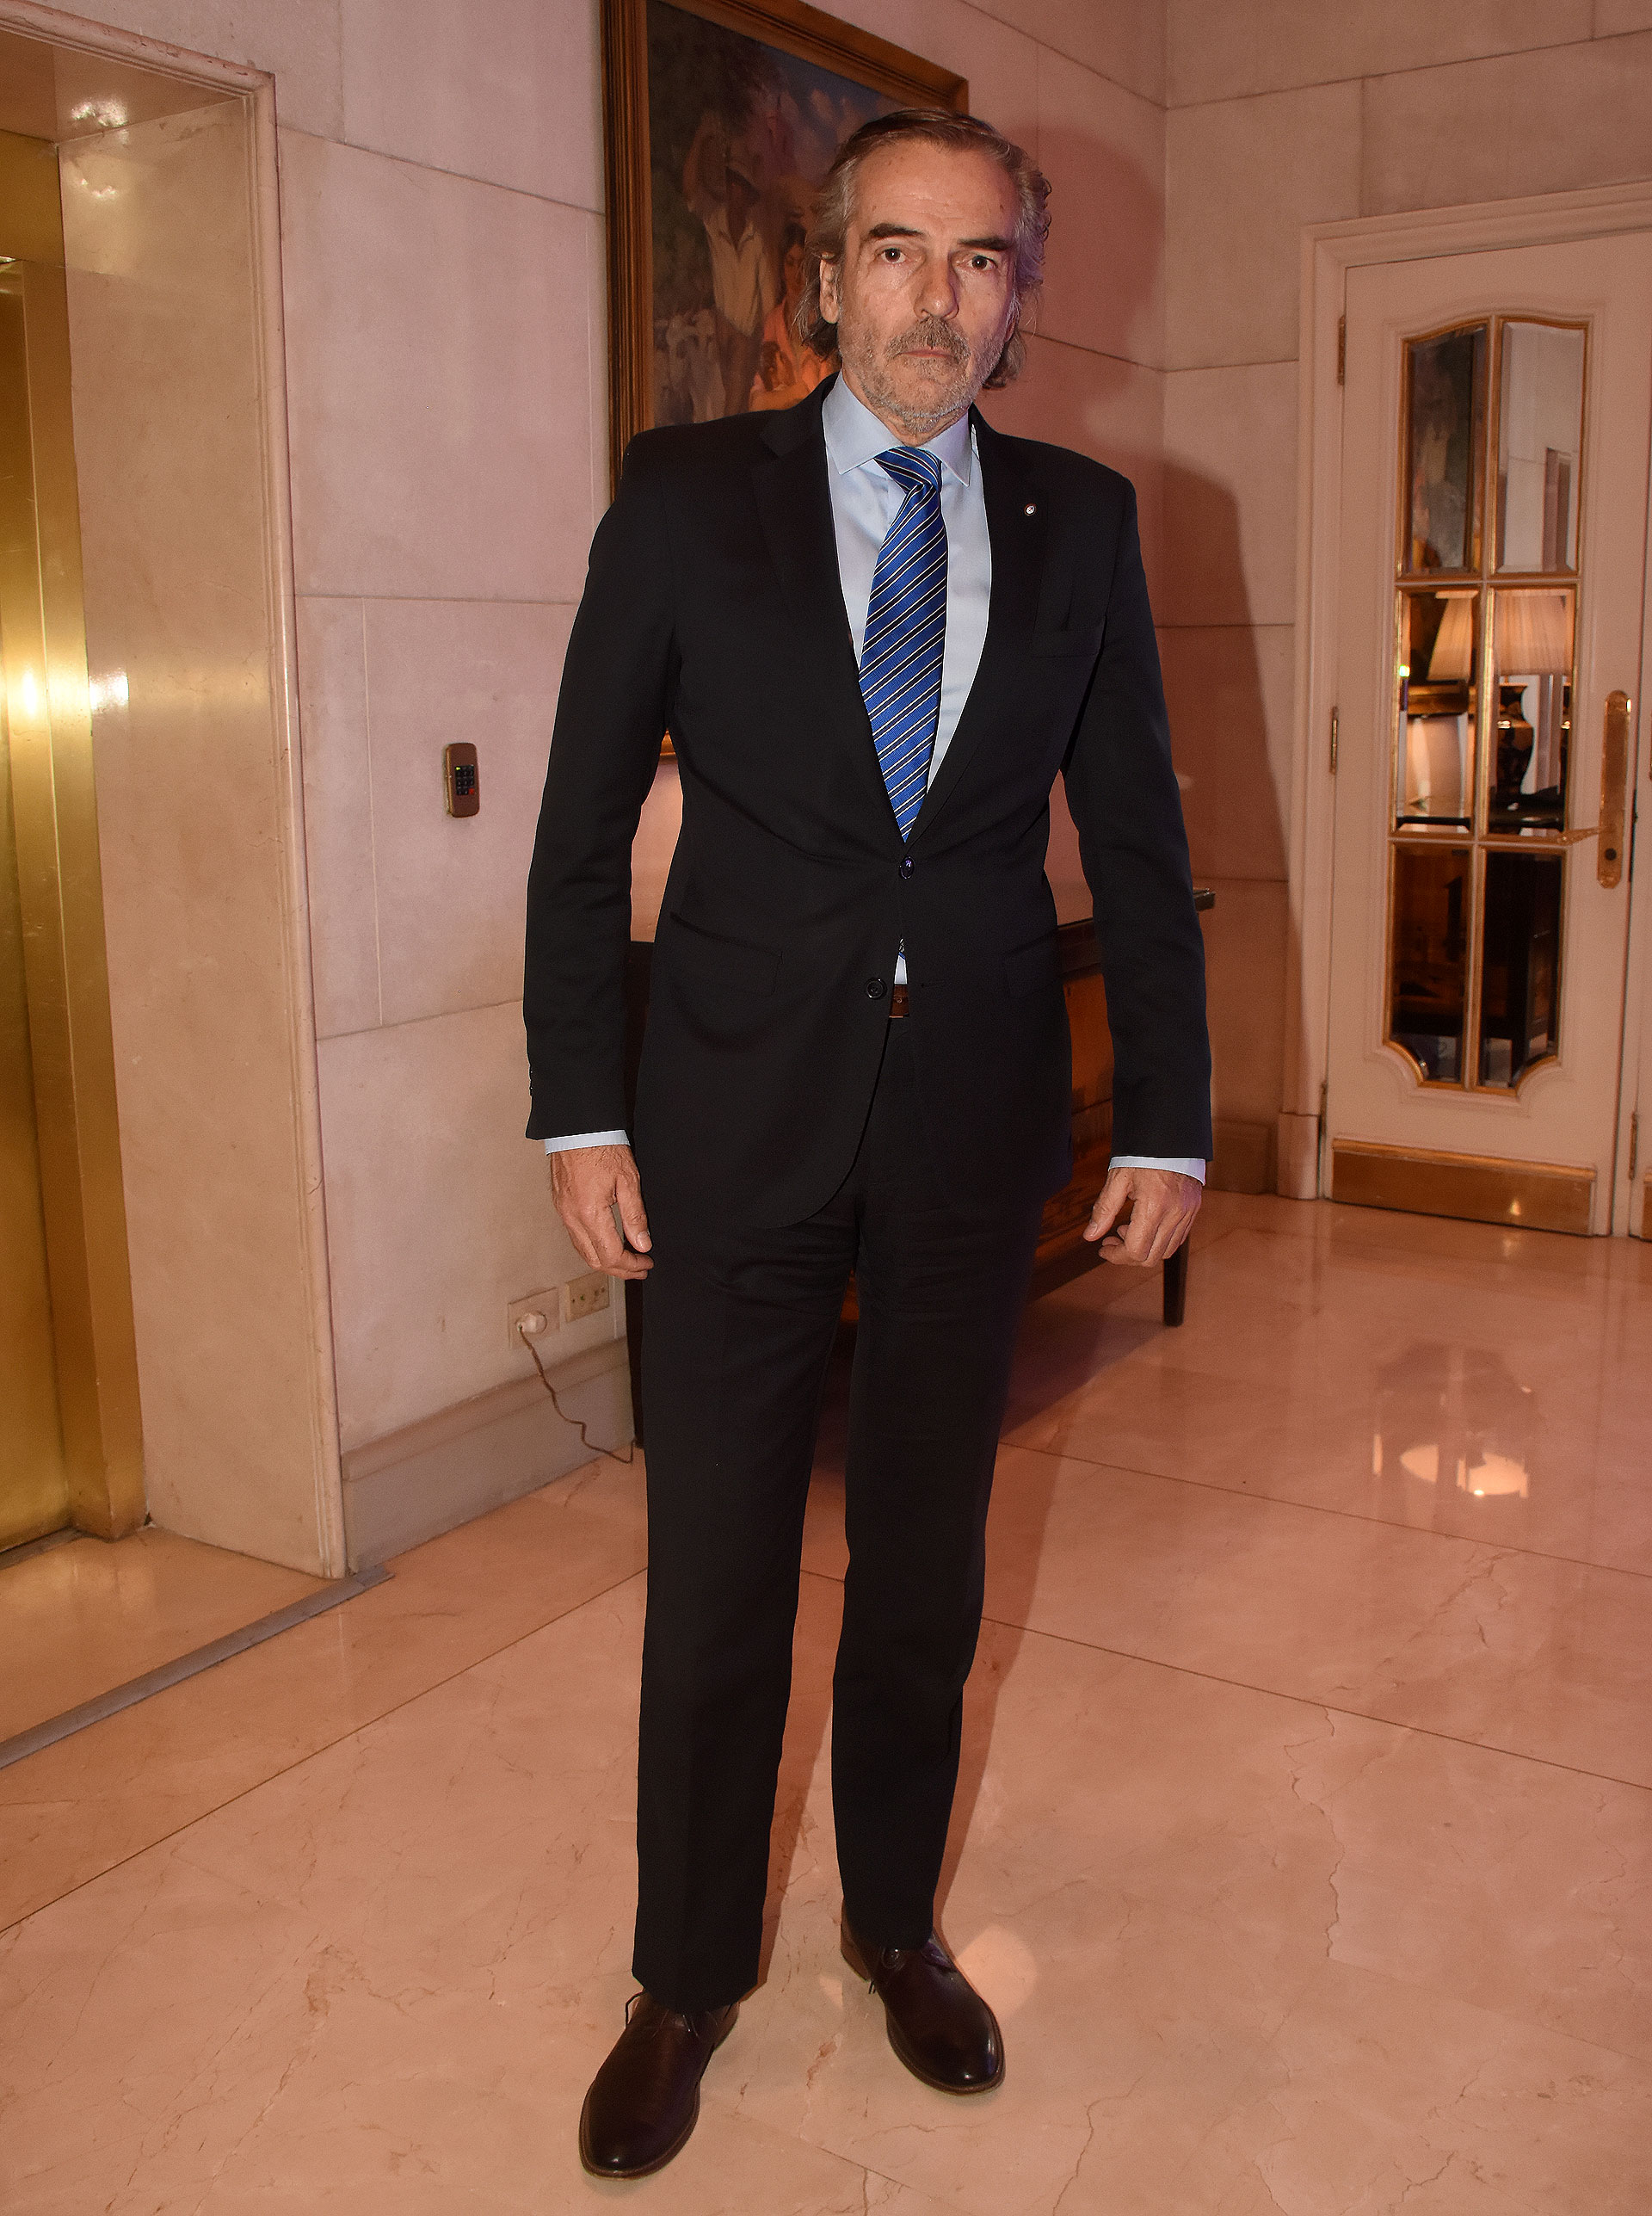 Gustavo Hornos, juez de la Sala IV de la Cámara Federal de Casación Penal